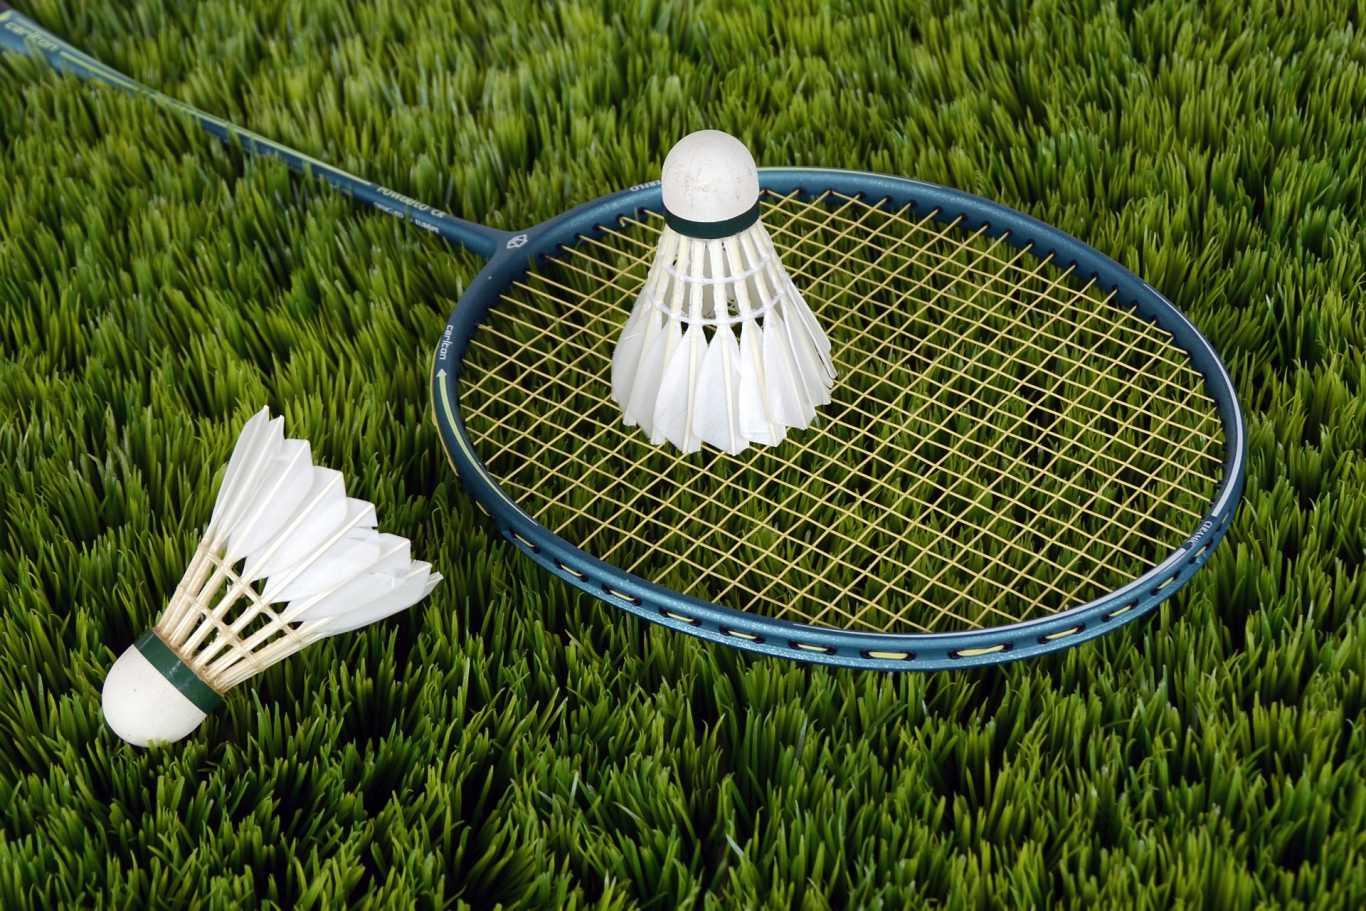 1xBet Badminton